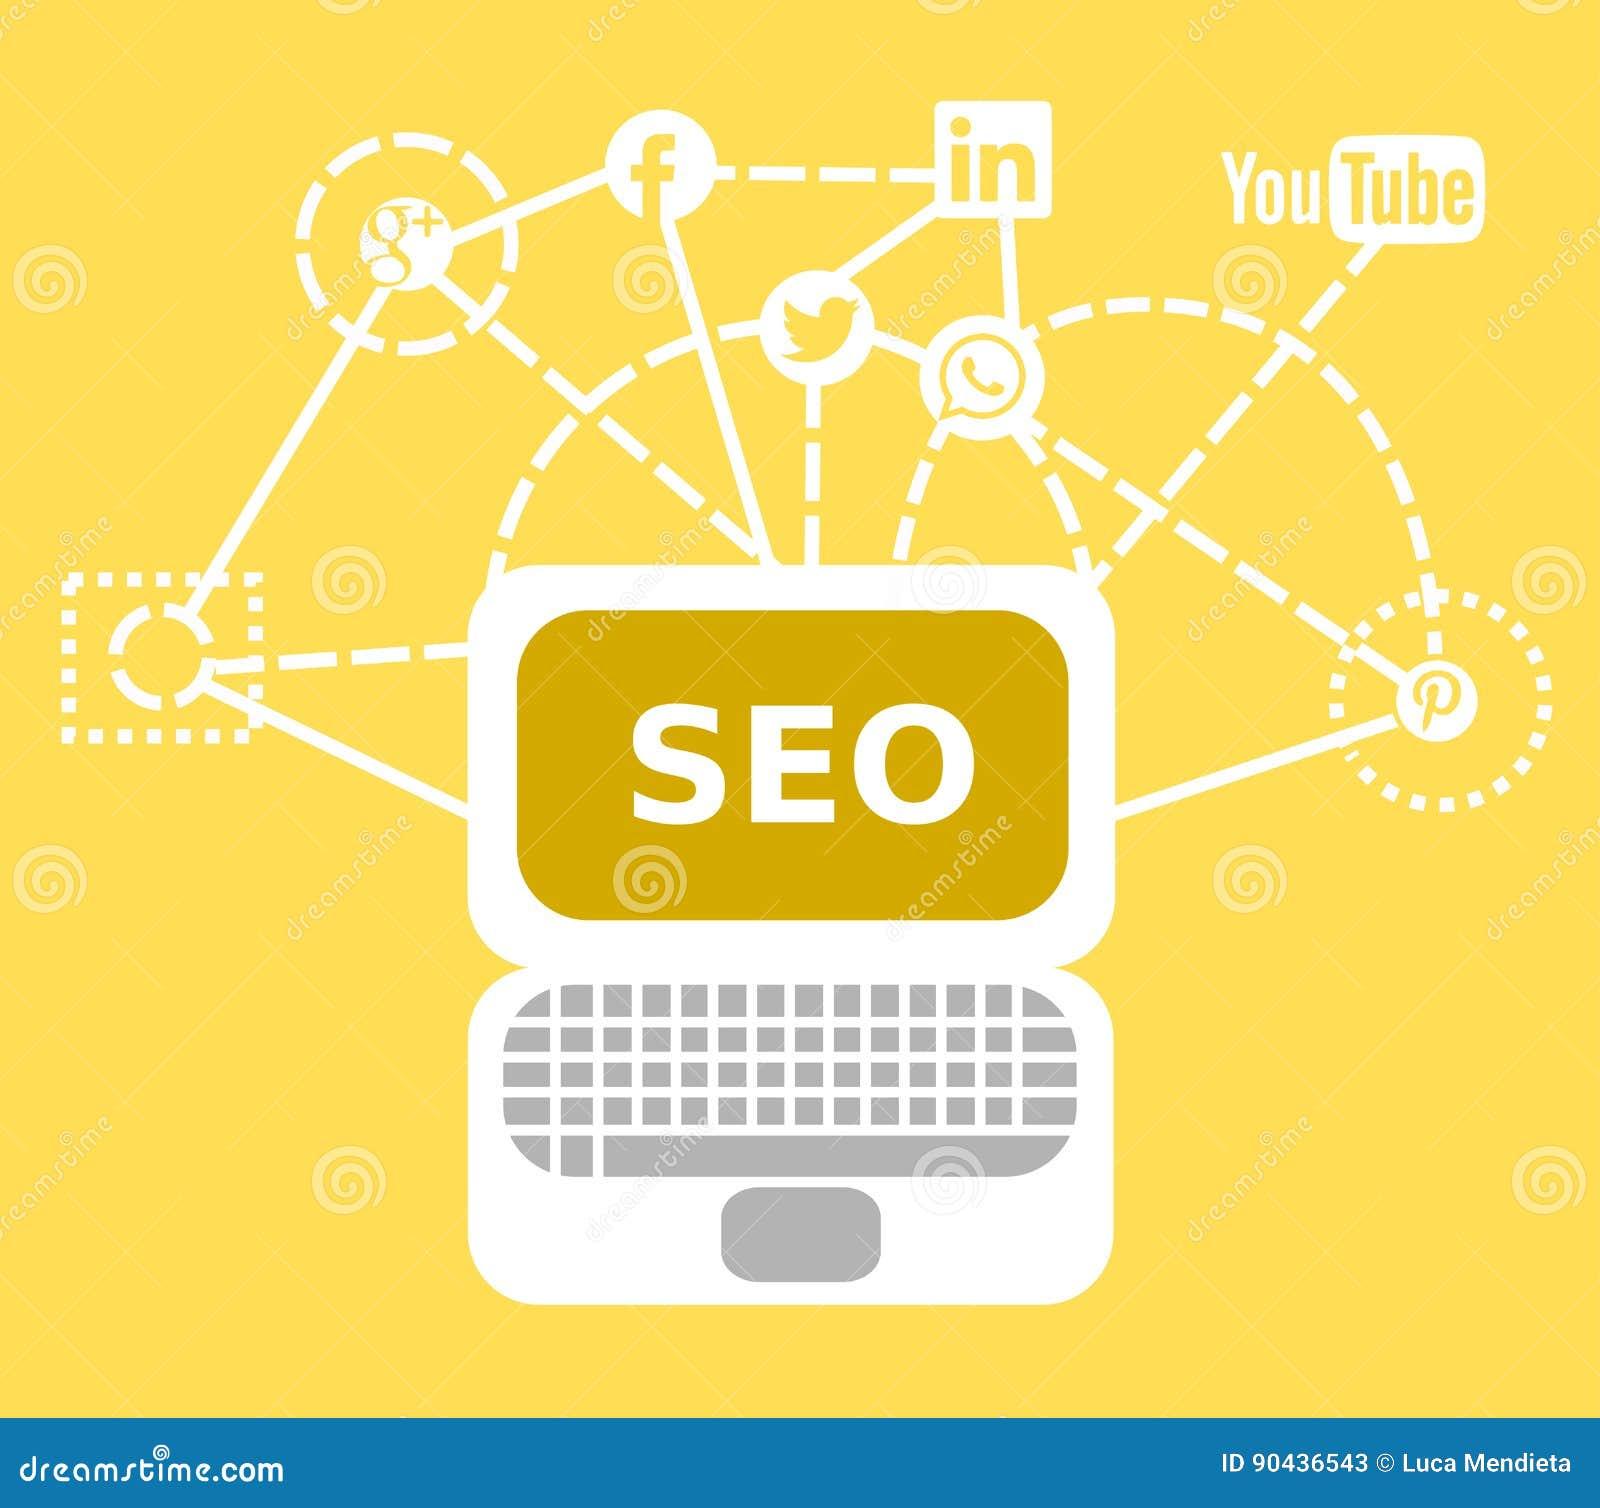 Μια απεικόνιση για τις εργασίες SEO με τα κοινωνικά δίκτυα, το lap-top και όλα τα είδη συνδετικότητας